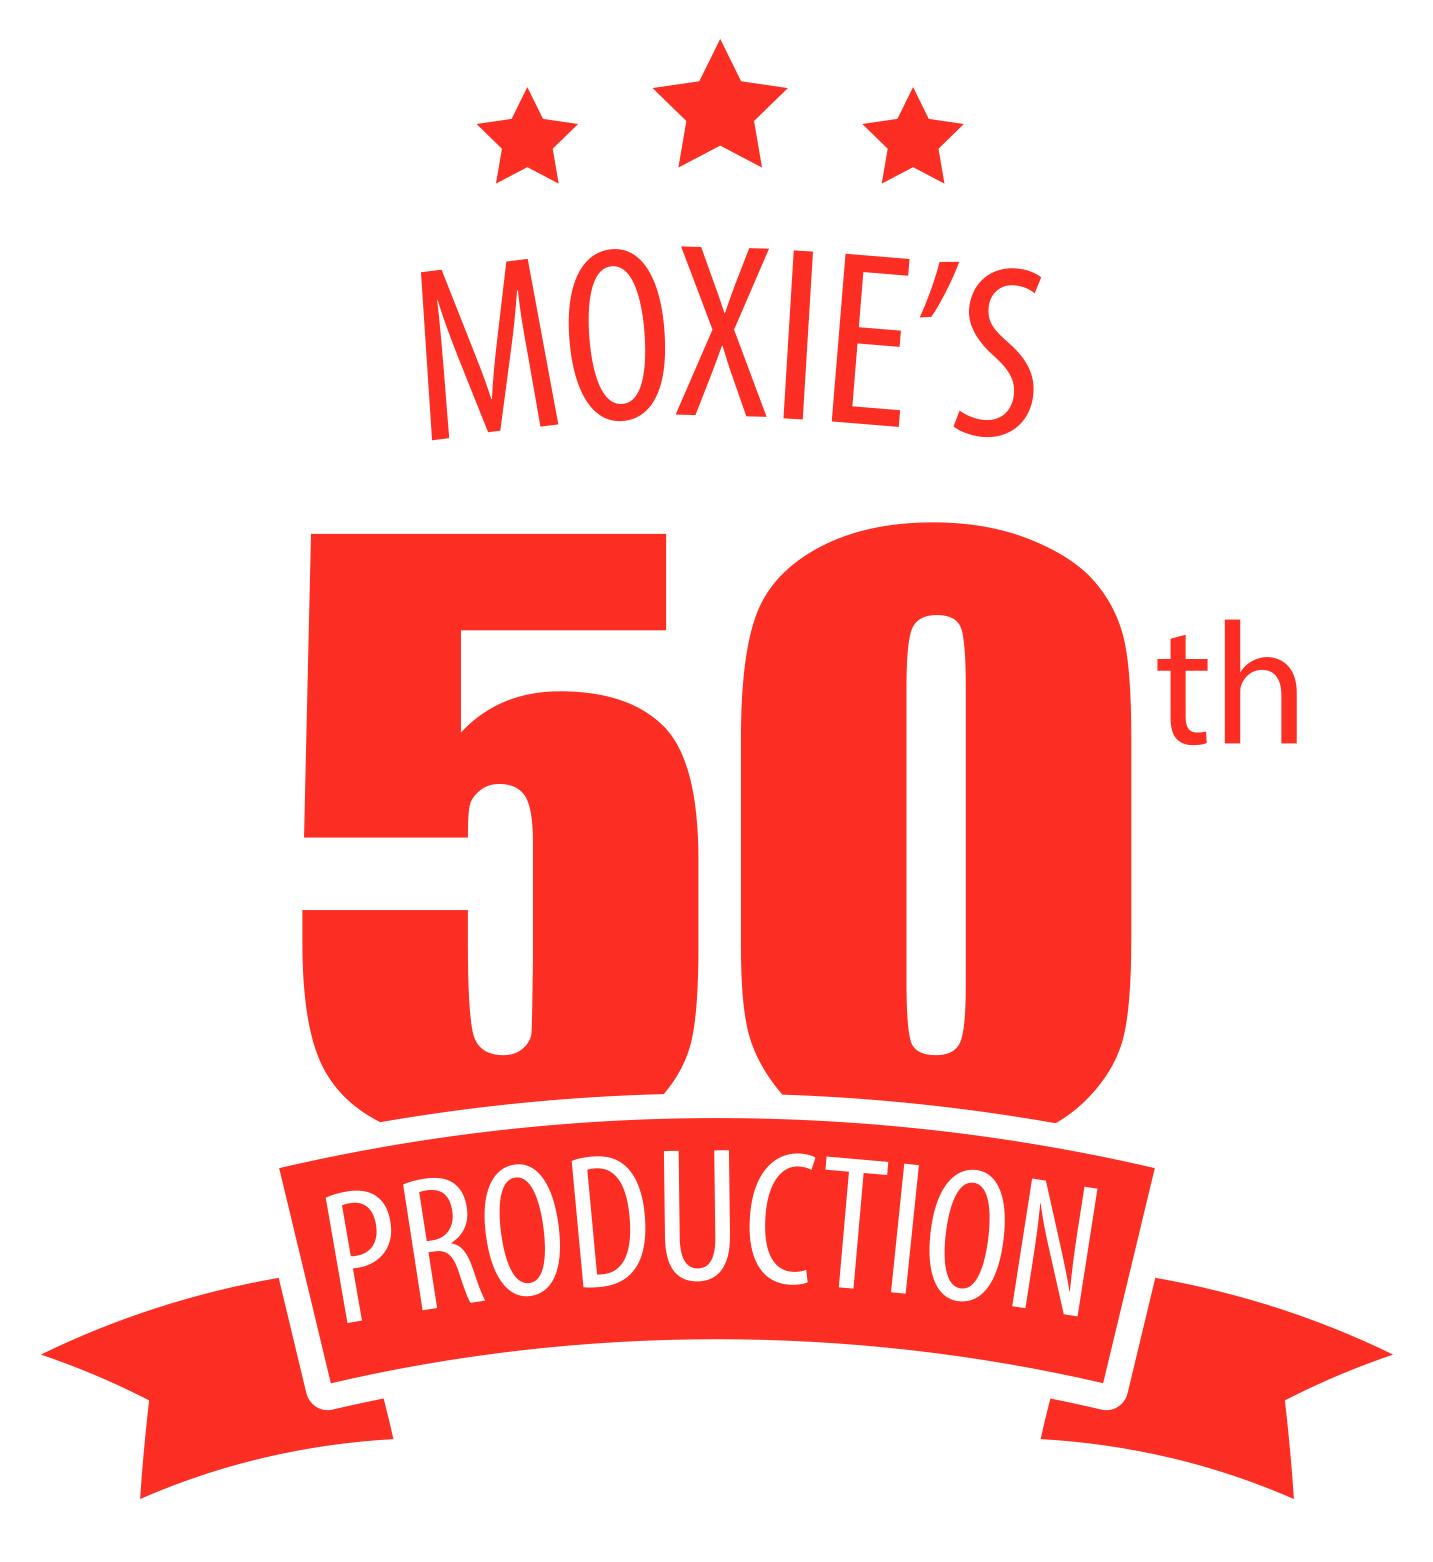 MOXIE Celebrates 50th Production